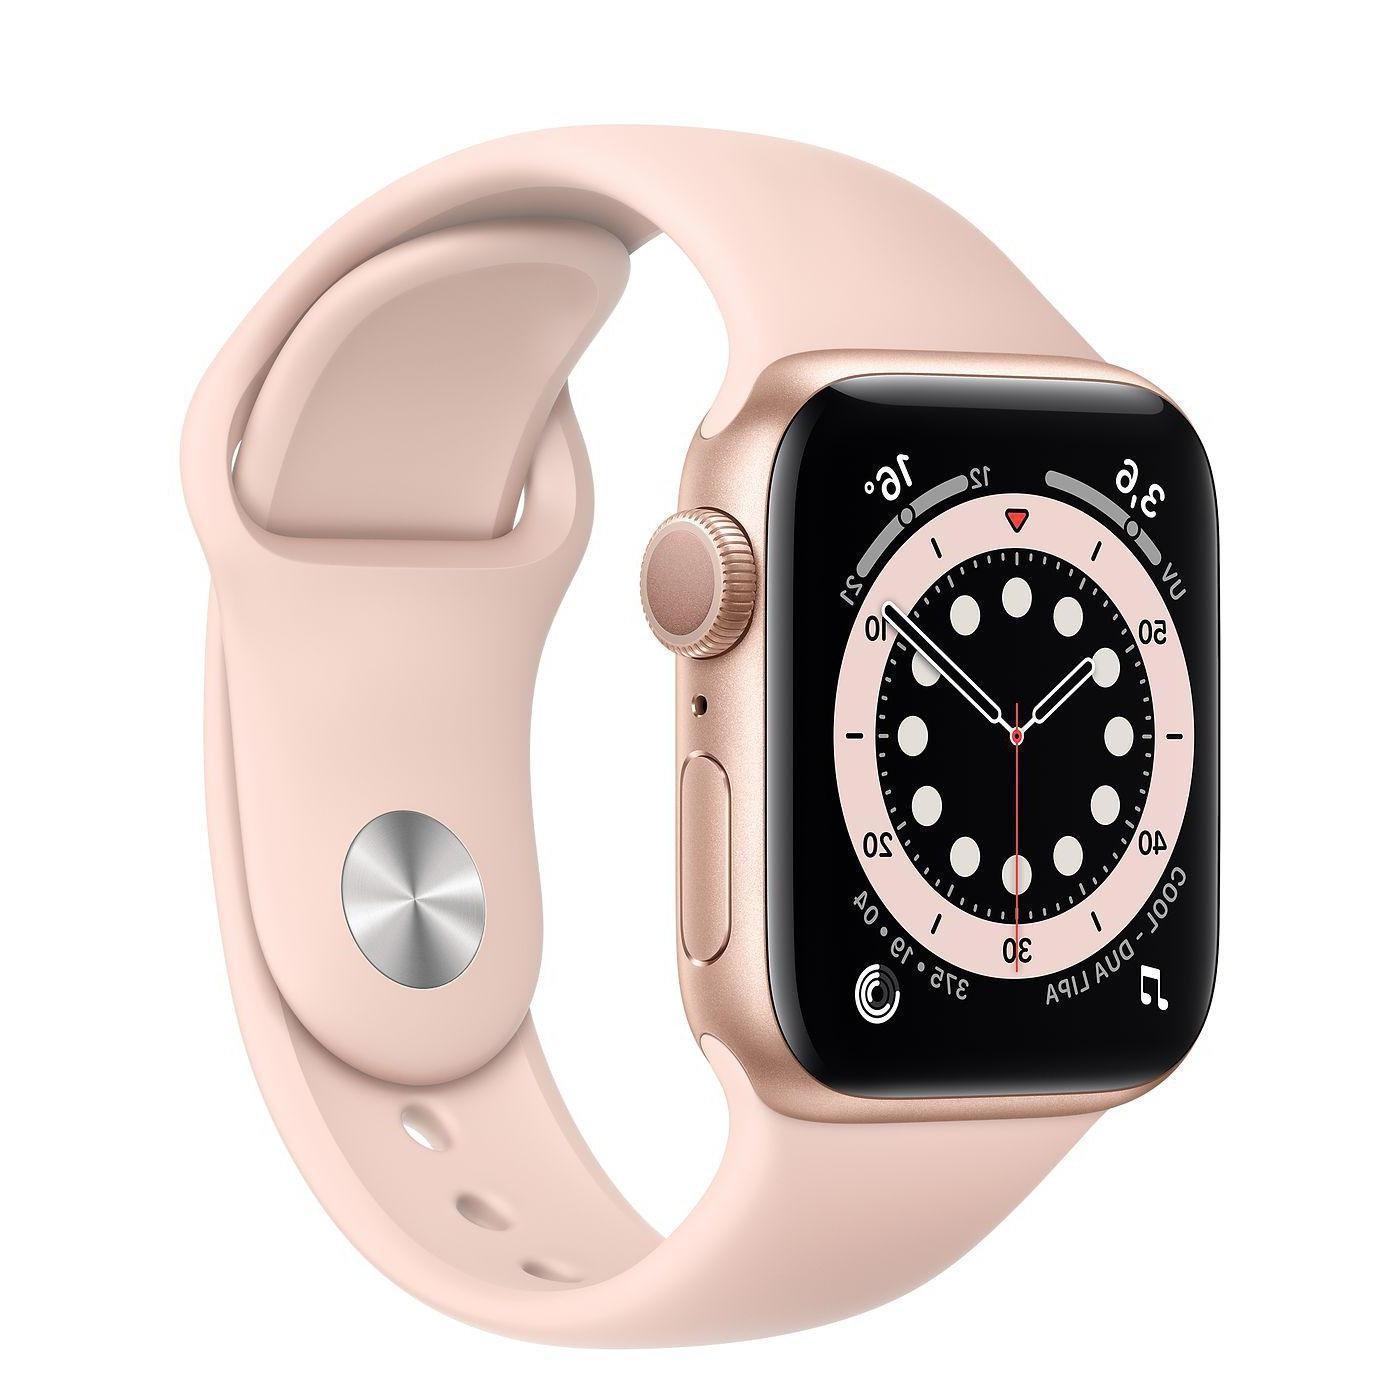 Apple Watch (Series 6) Septembre 2020 44 mm - Aluminium Or - Bracelet Sport Rose des sables